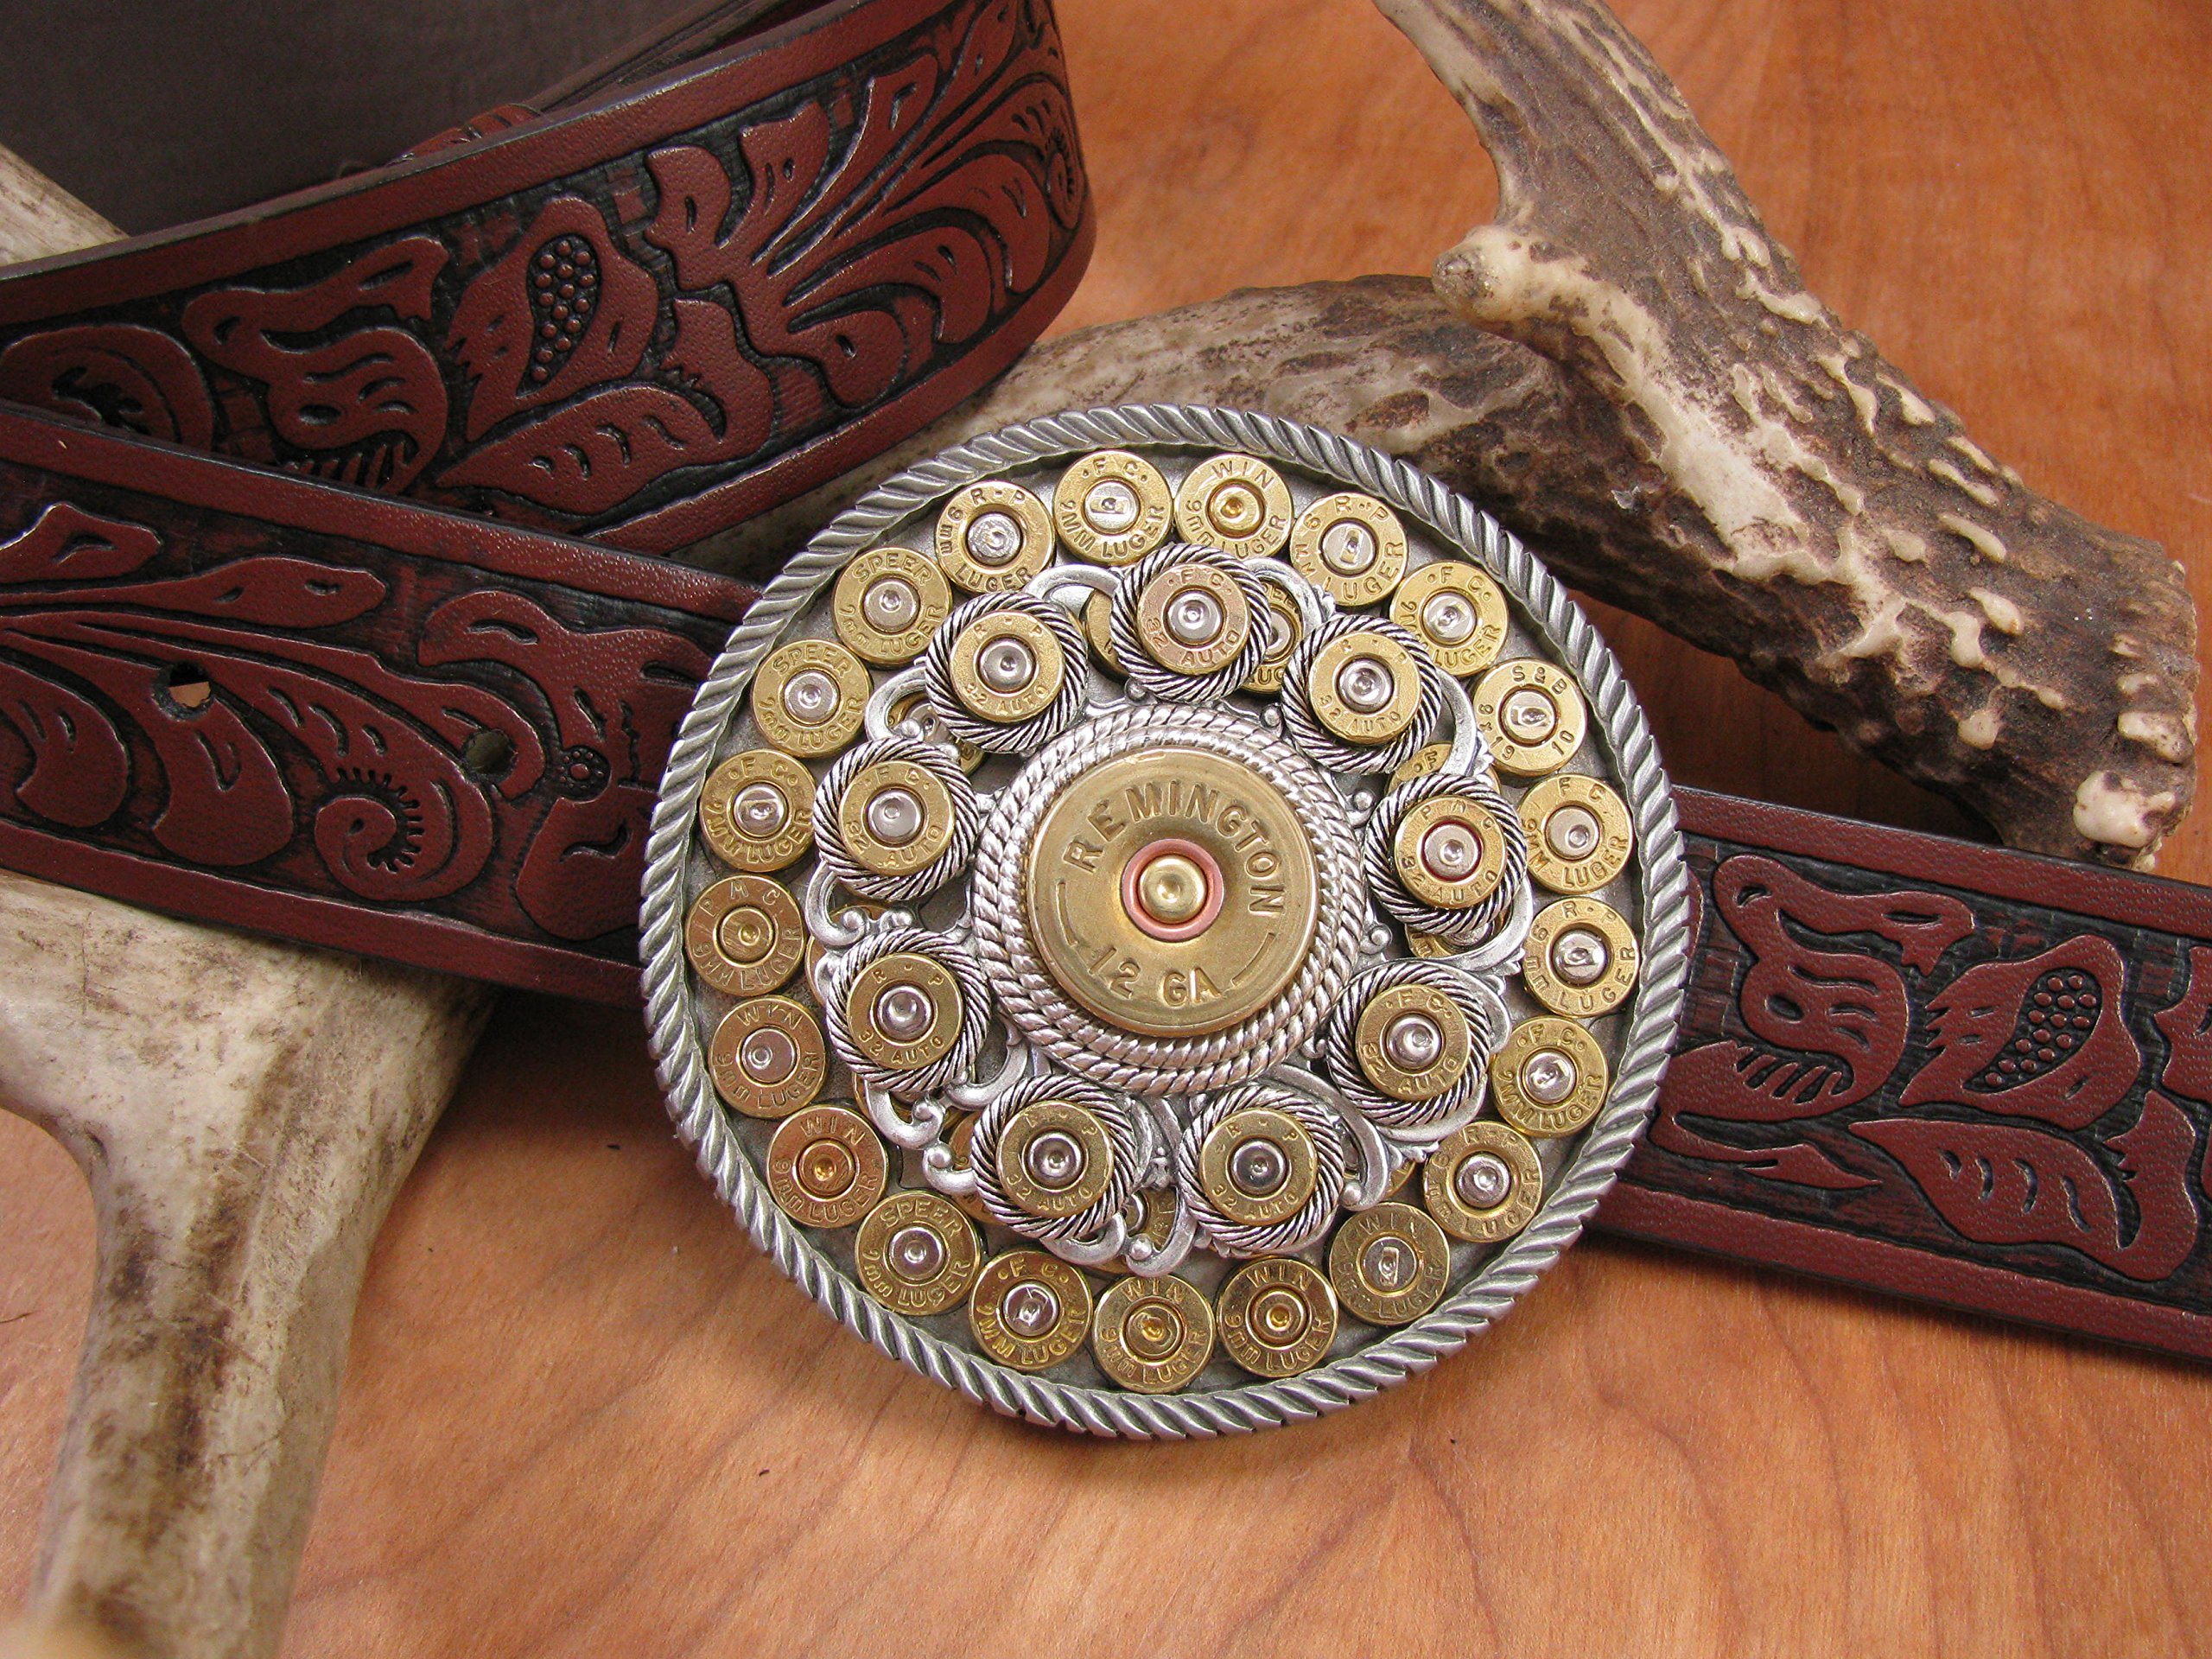 Shotgun & Bullet Casing Round Western Belt Buckle by SureShot Jewelry & Accessories